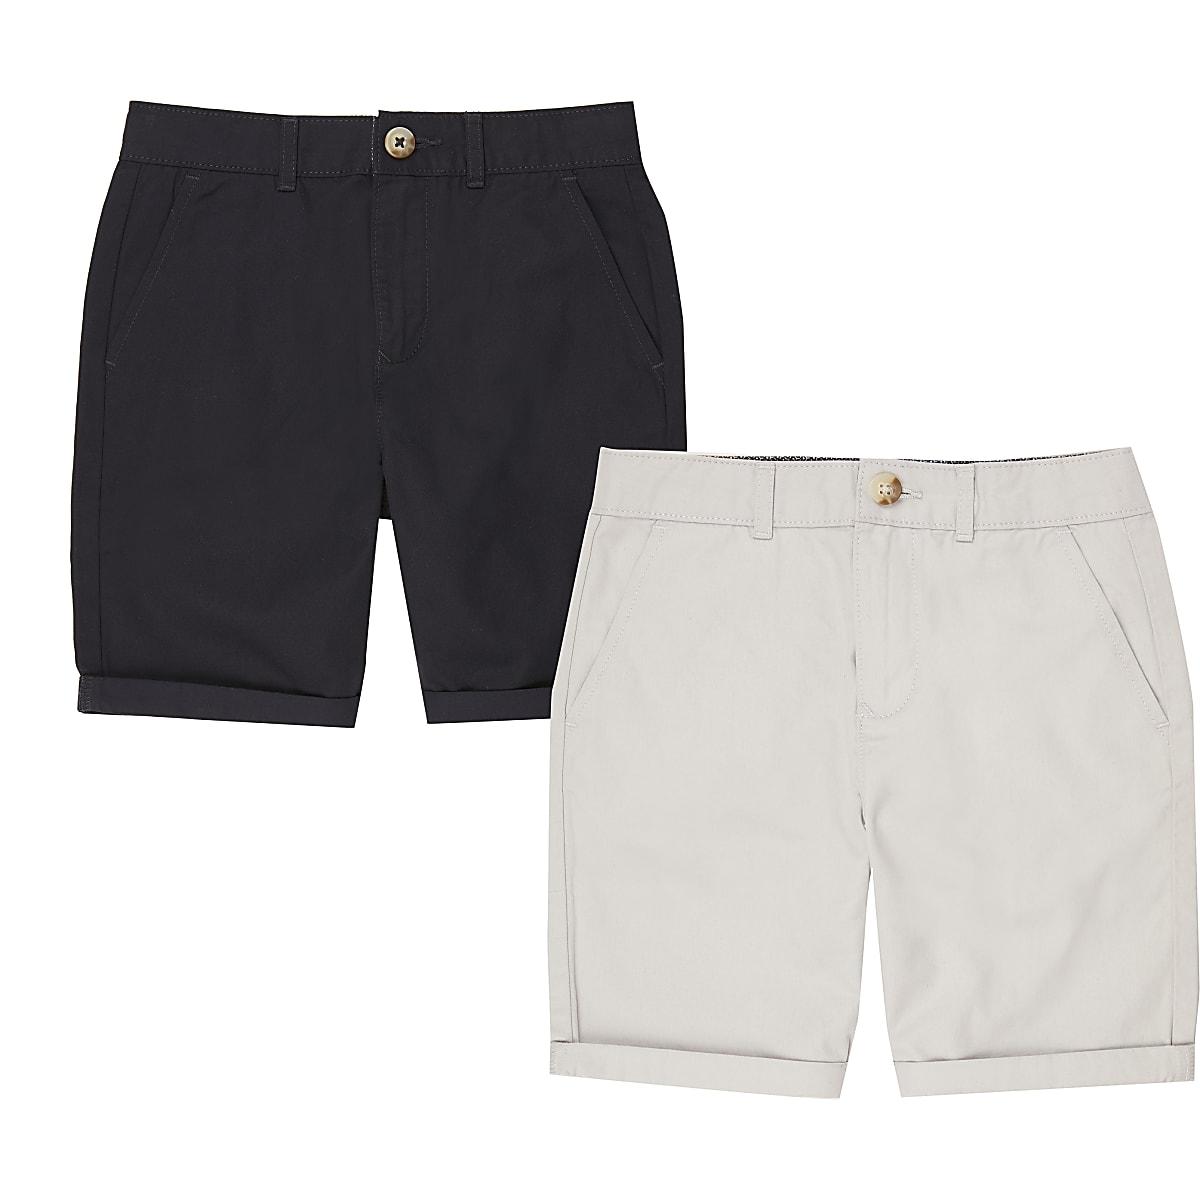 Boys navy and grey chino shorts multipack